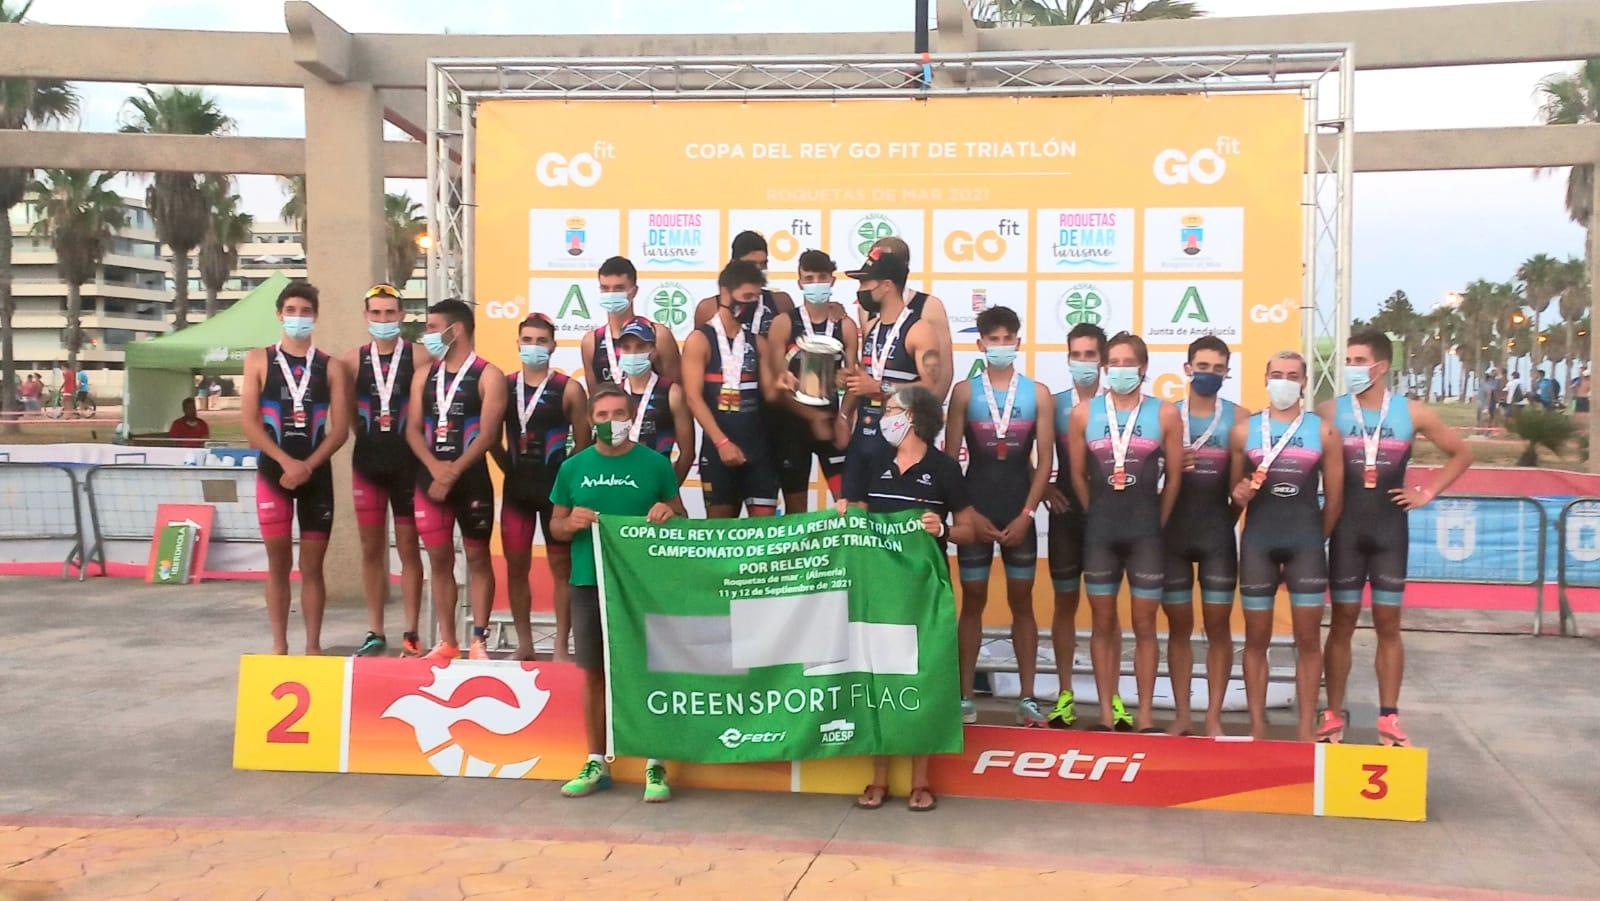 Universidad de Alicante gana la Copa del Rey GOfit, y Cidade de Lugo Fluvial gana la Copa de la Reina Iberdrola de Triatlón